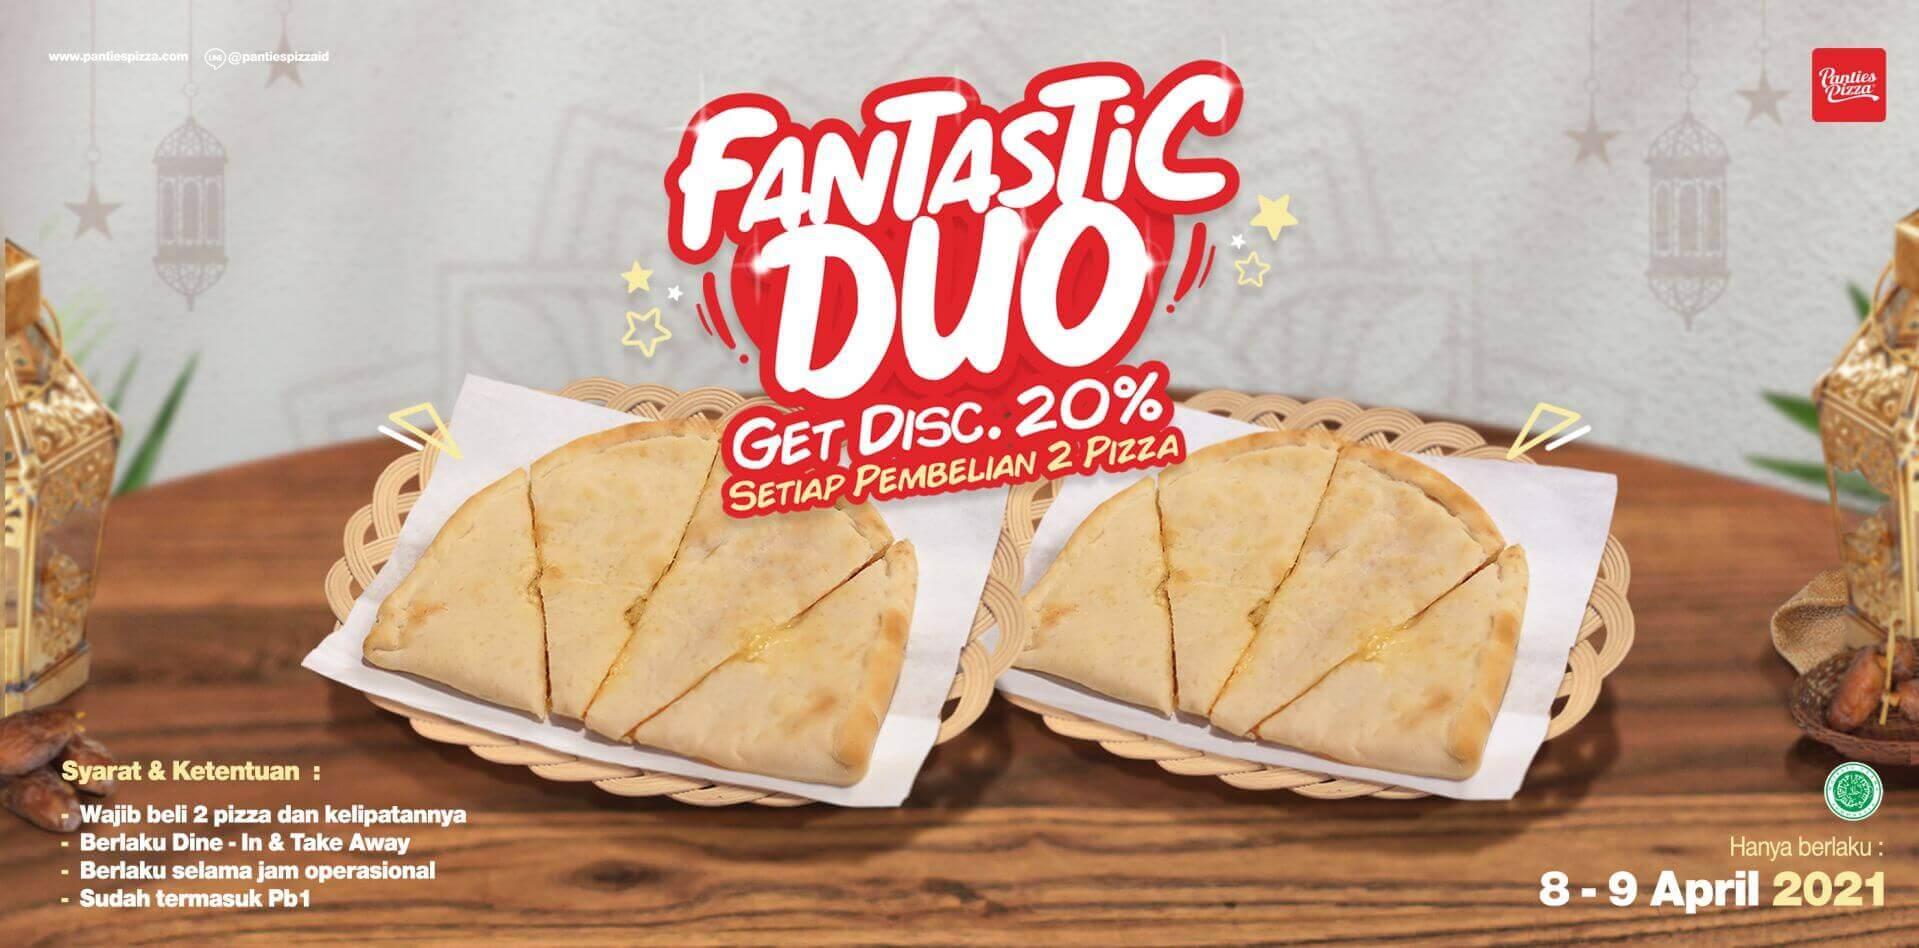 Fantactic Duo Panties Pizza Promo Terbaru April 2021 Potongan Harga 20 Persen Setiap Pembelian 2 Pizza Varian Apa Saja Fantastic Duo Latest News Panties Pizza Pizza Promo